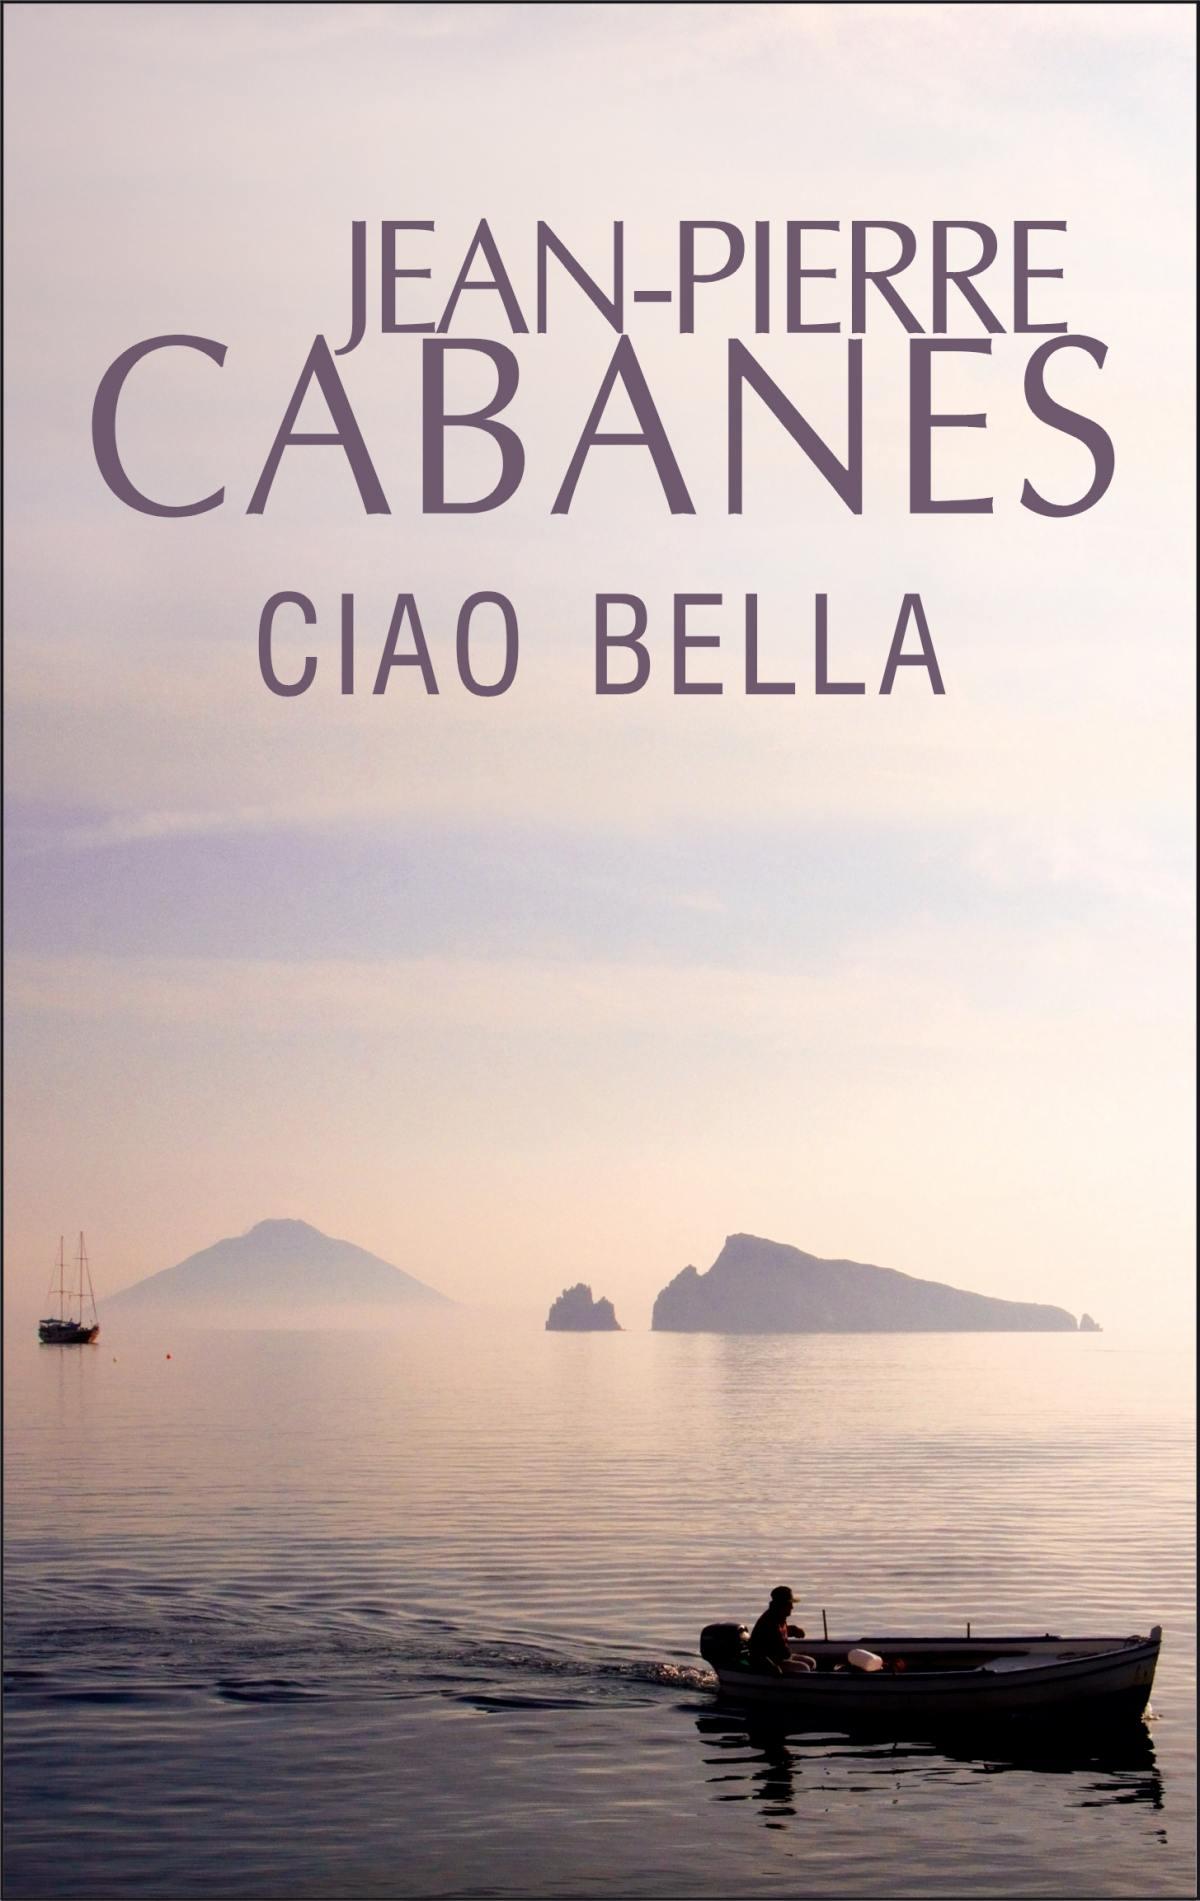 Ciao bella - Ebook (Książka na Kindle) do pobrania w formacie MOBI